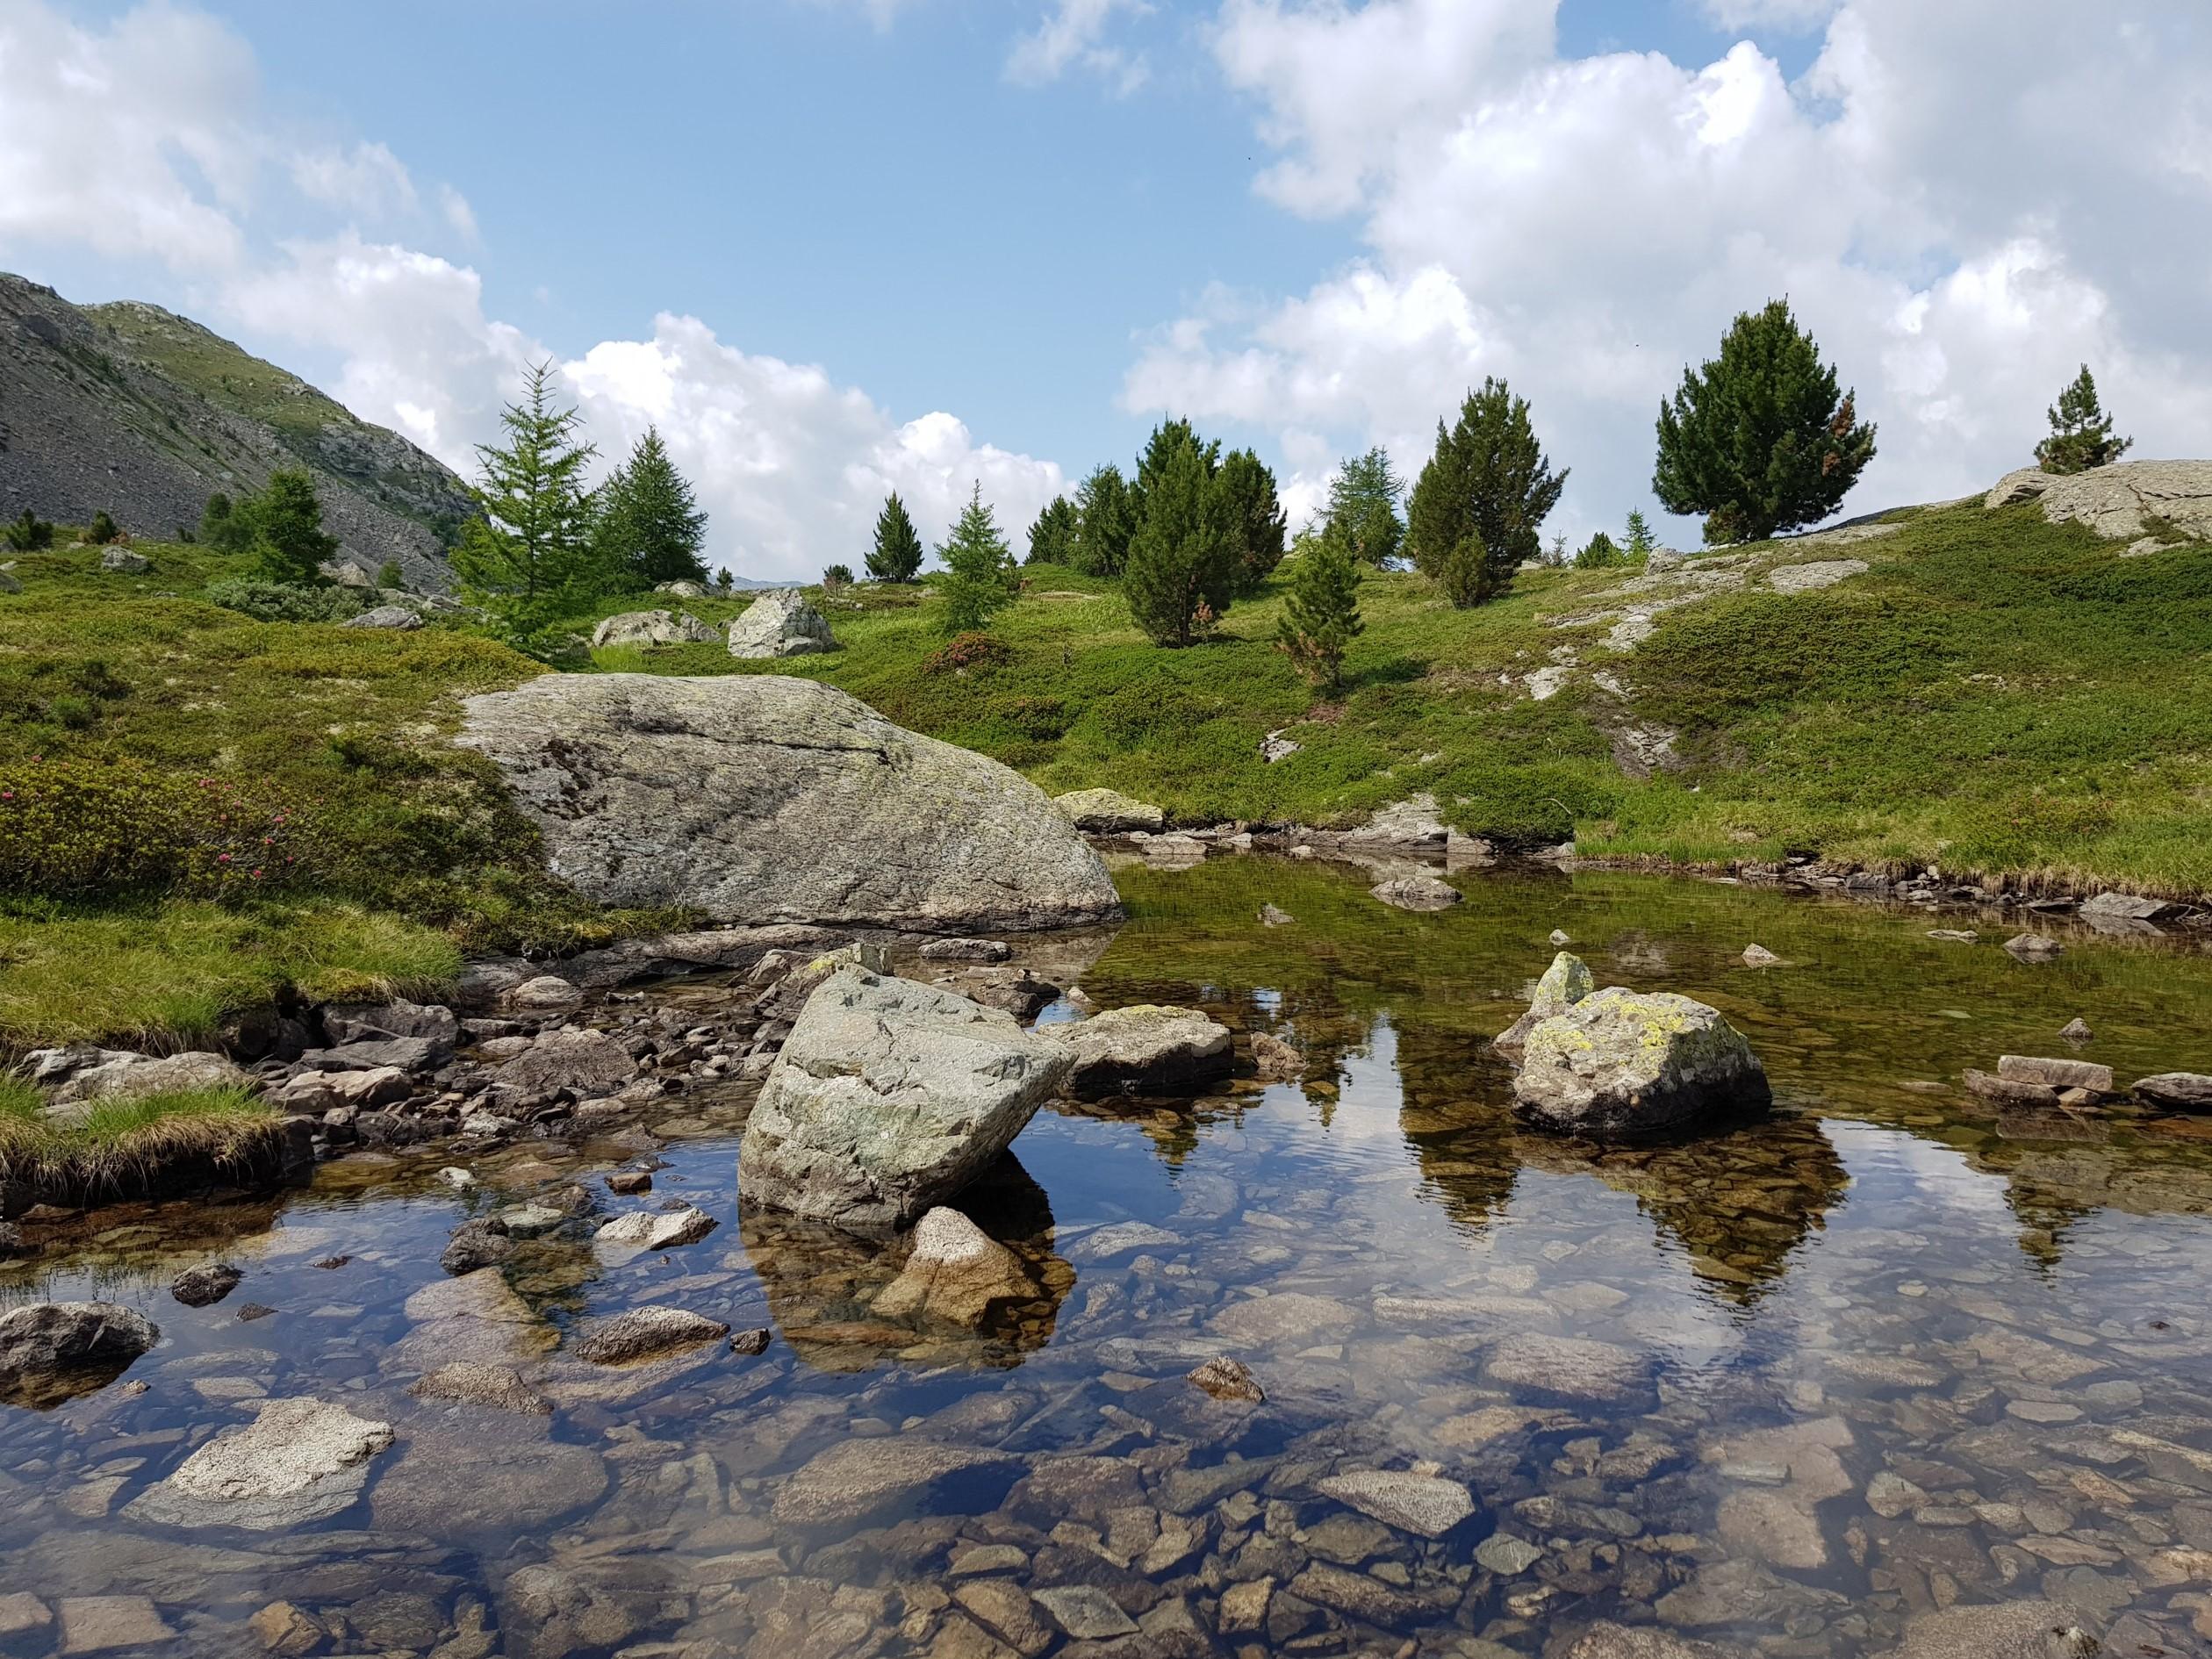 Engadine, St. Moritz, Hahnensee, above Lej dals Chöds